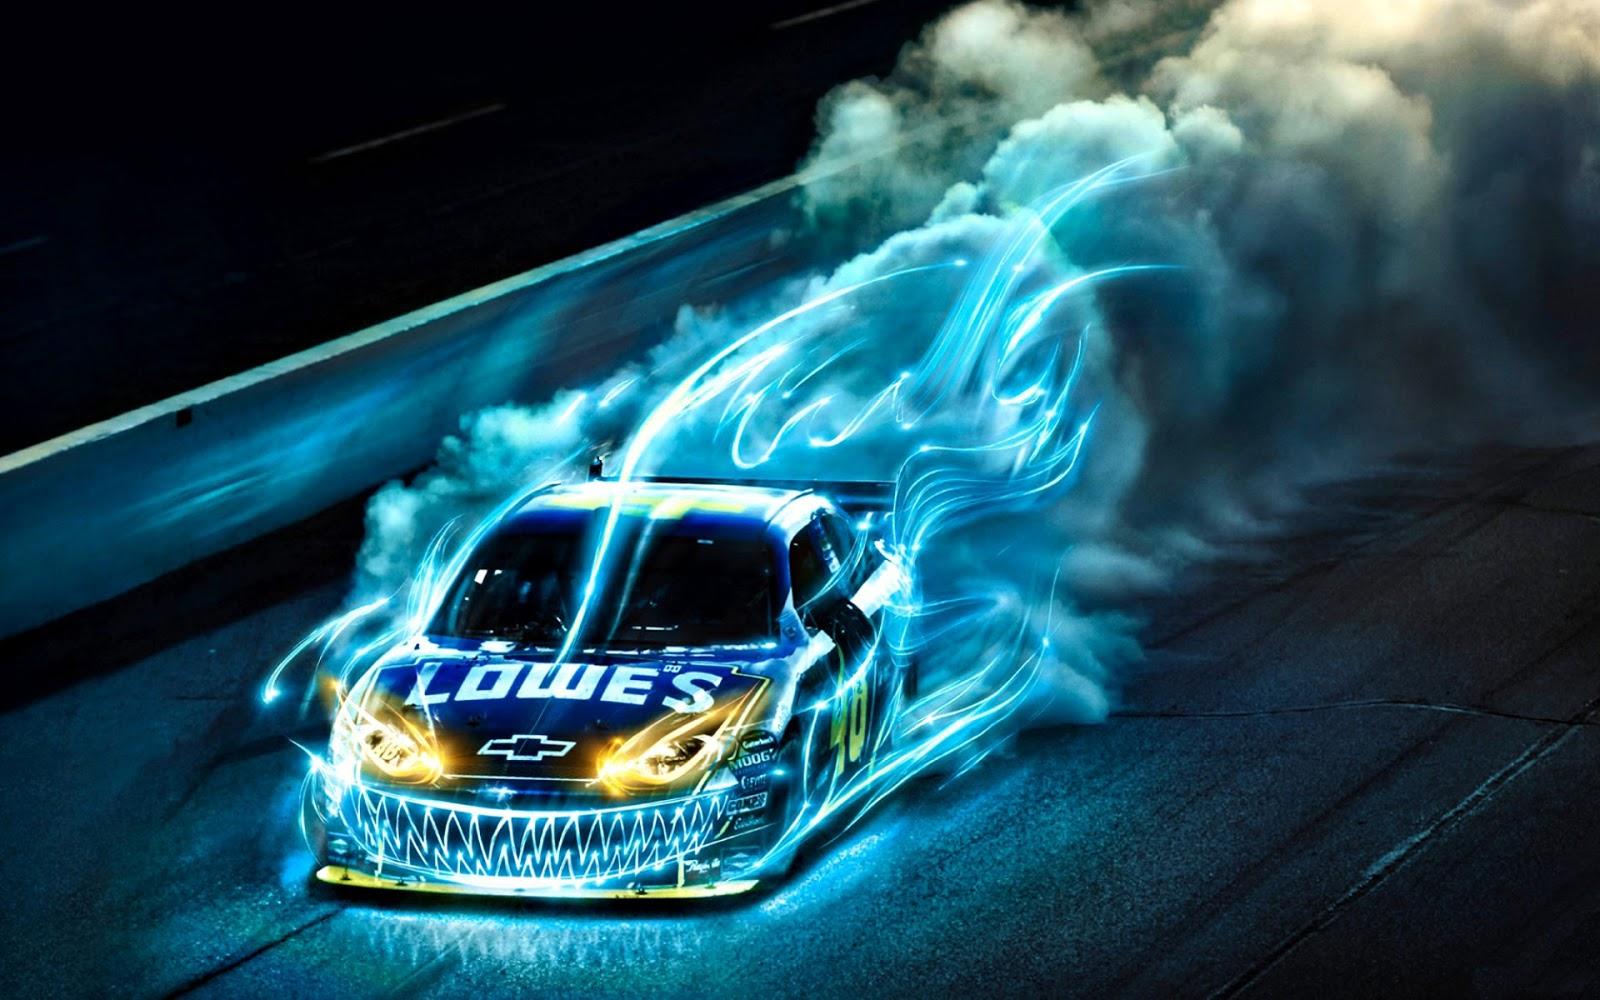 http://1.bp.blogspot.com/-fGiwYhG_Kp4/UNyyYOOukLI/AAAAAAAAA2w/Kp1I9HaT5mA/s1600/drift_racing-wide.jpg